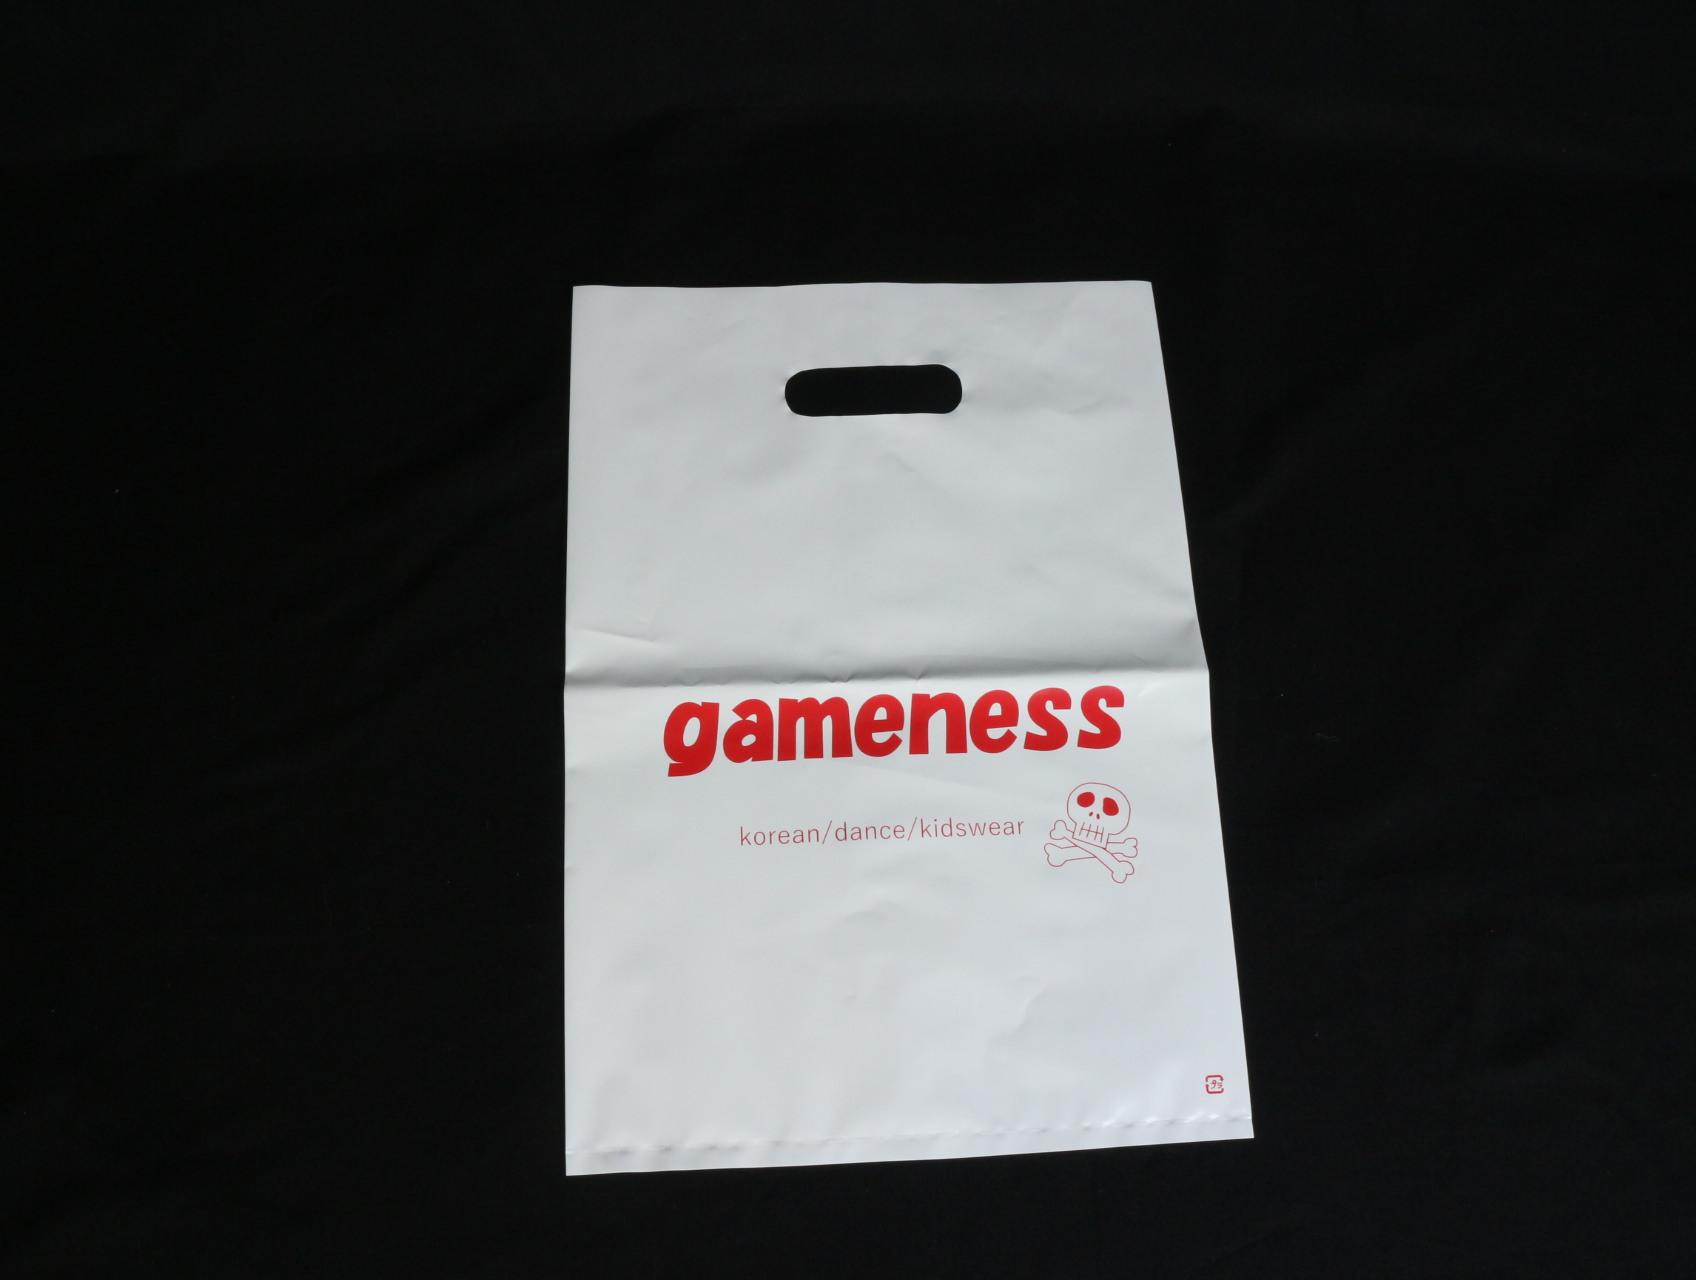 韓国の子供服を販売されている店舗様のポリ袋